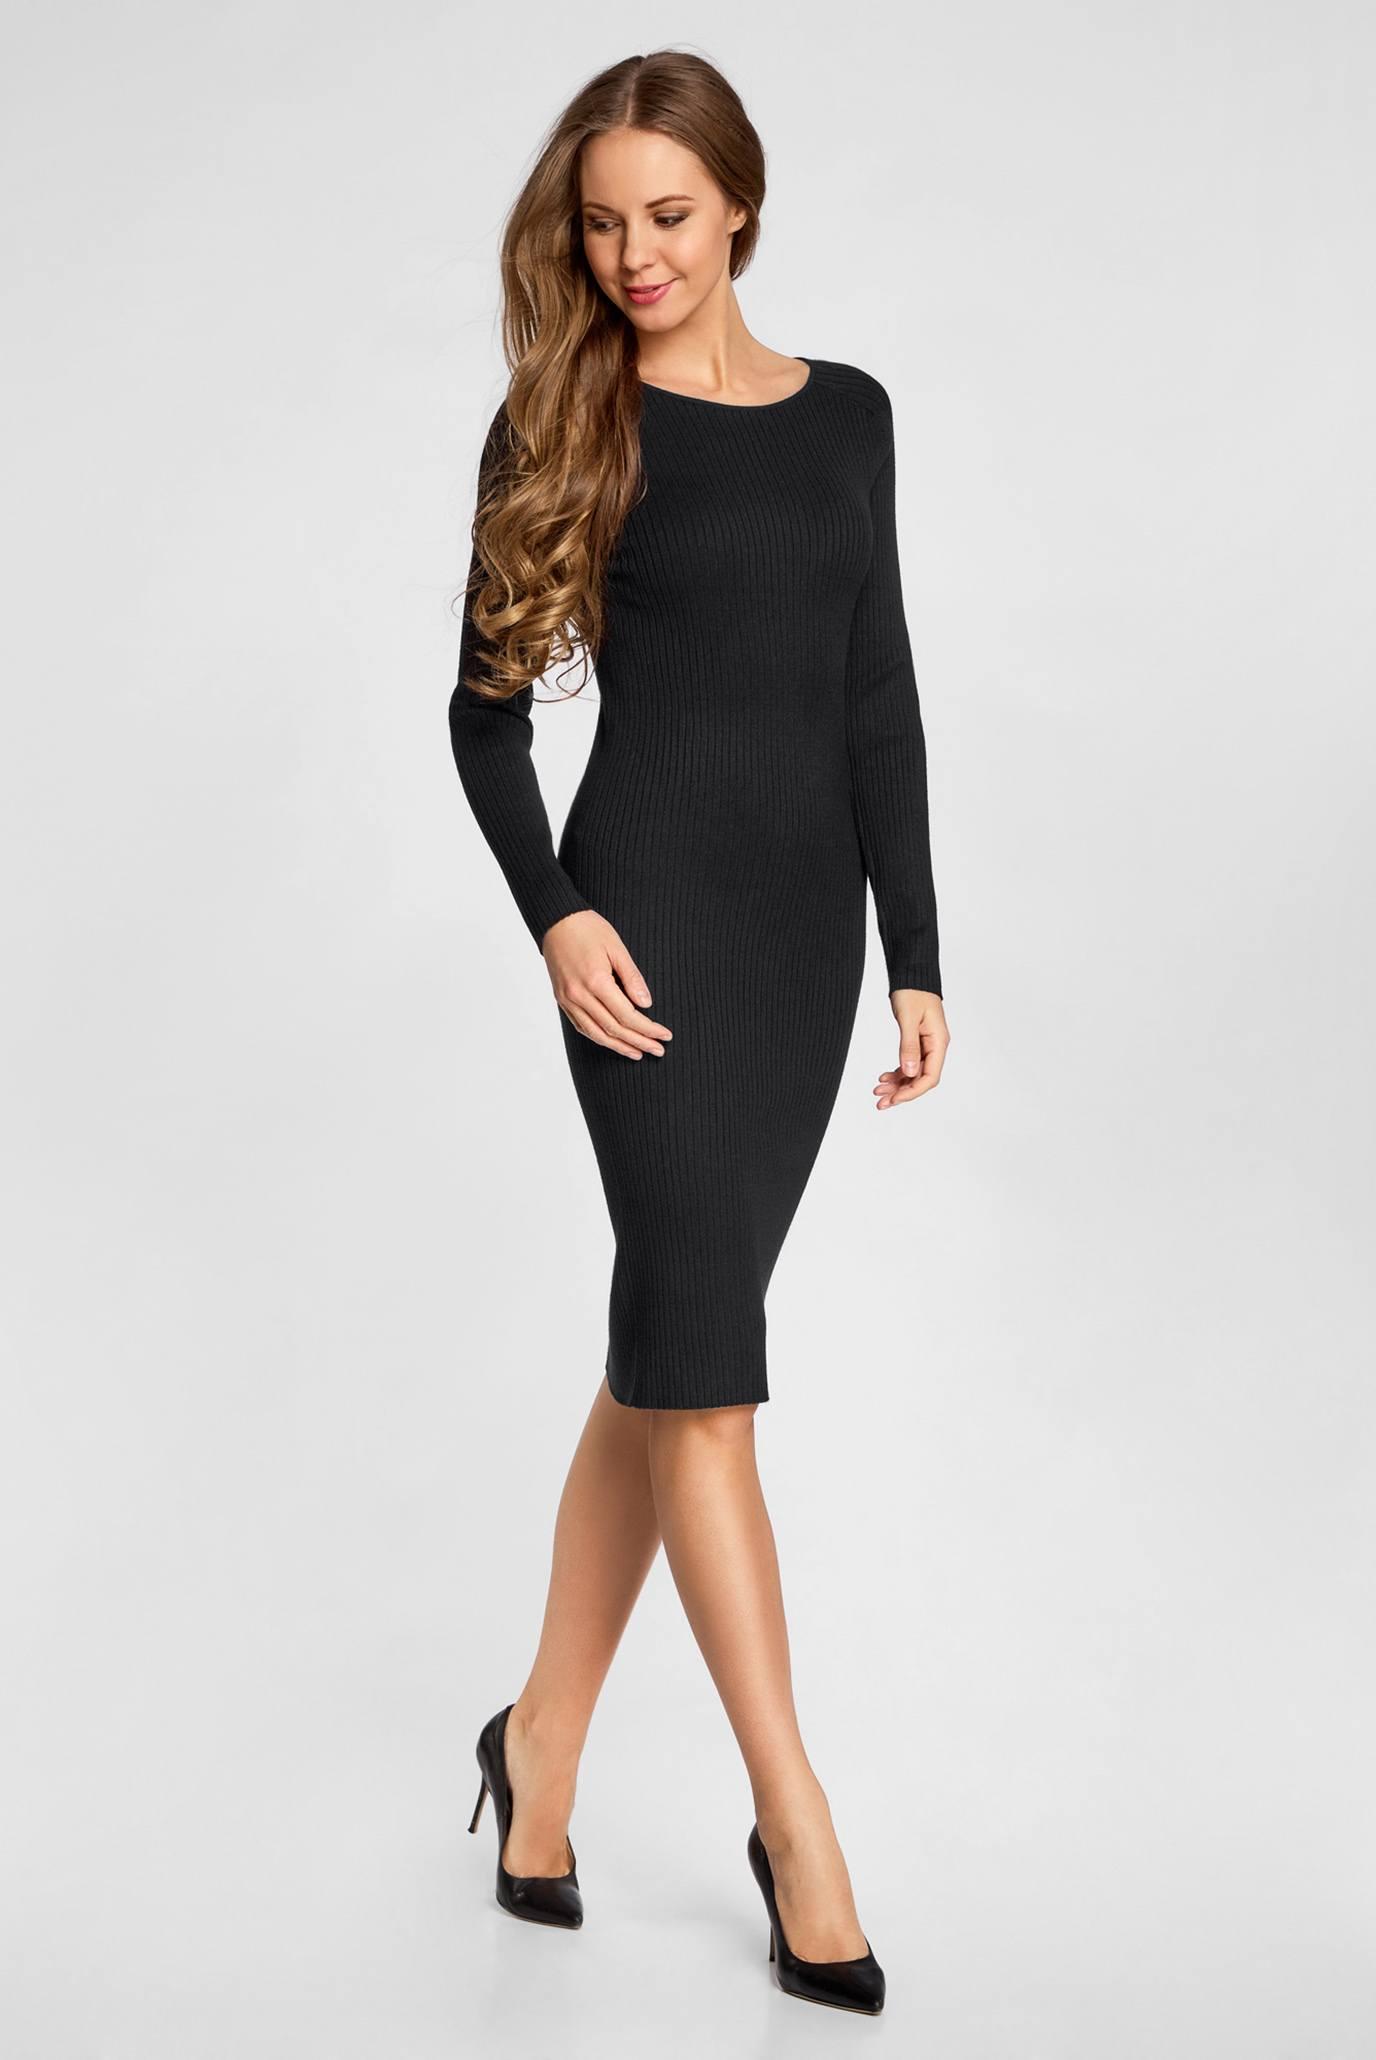 1d358a1a1fb Модные трикотажные платья  100+ стильных идей